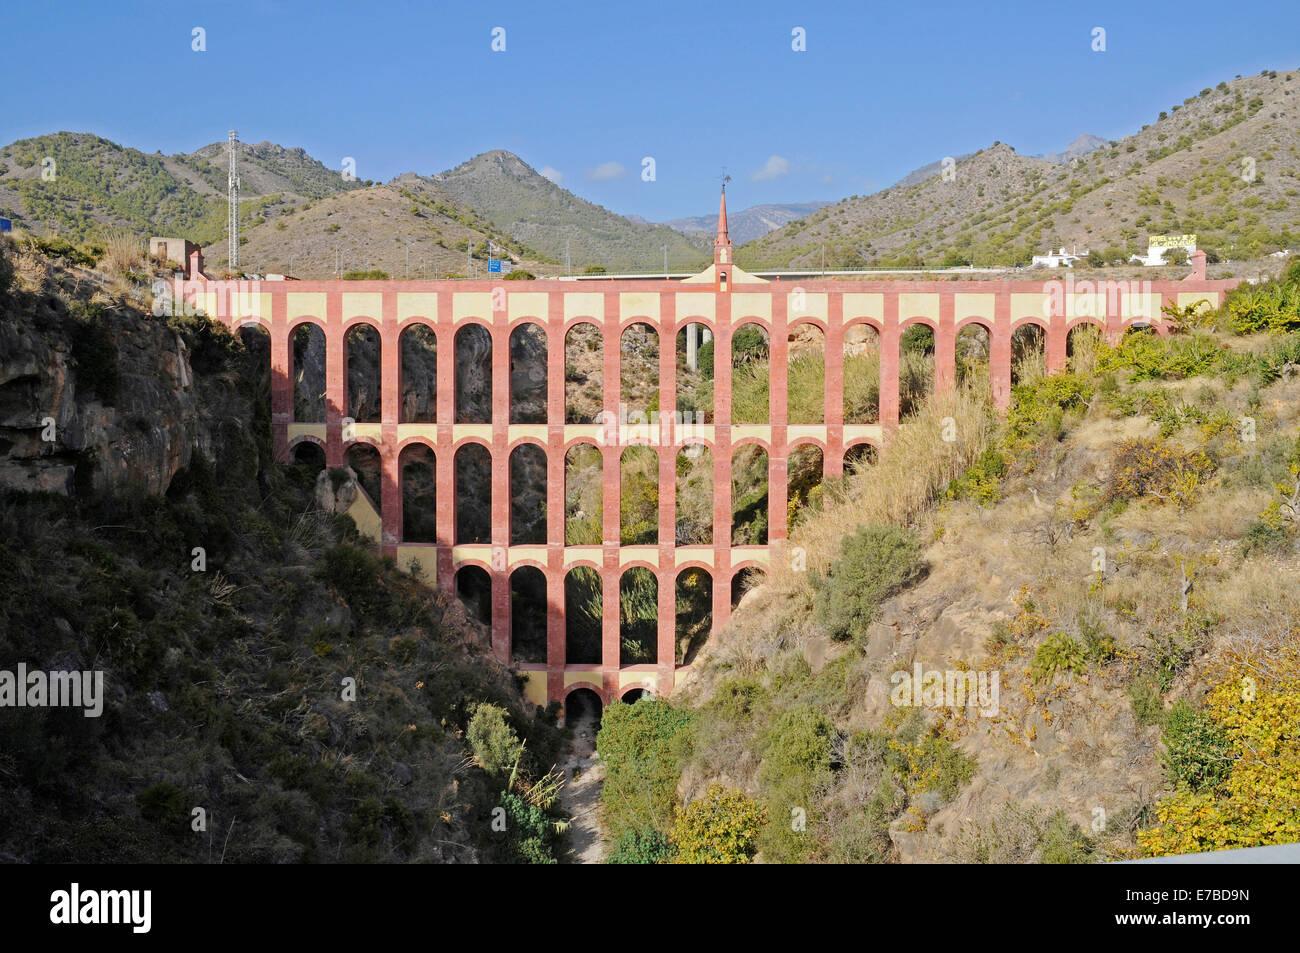 Acueducto del Aguila, Roman aqueduct, Nerja, Malaga province, Andalusia, Spain - Stock Image